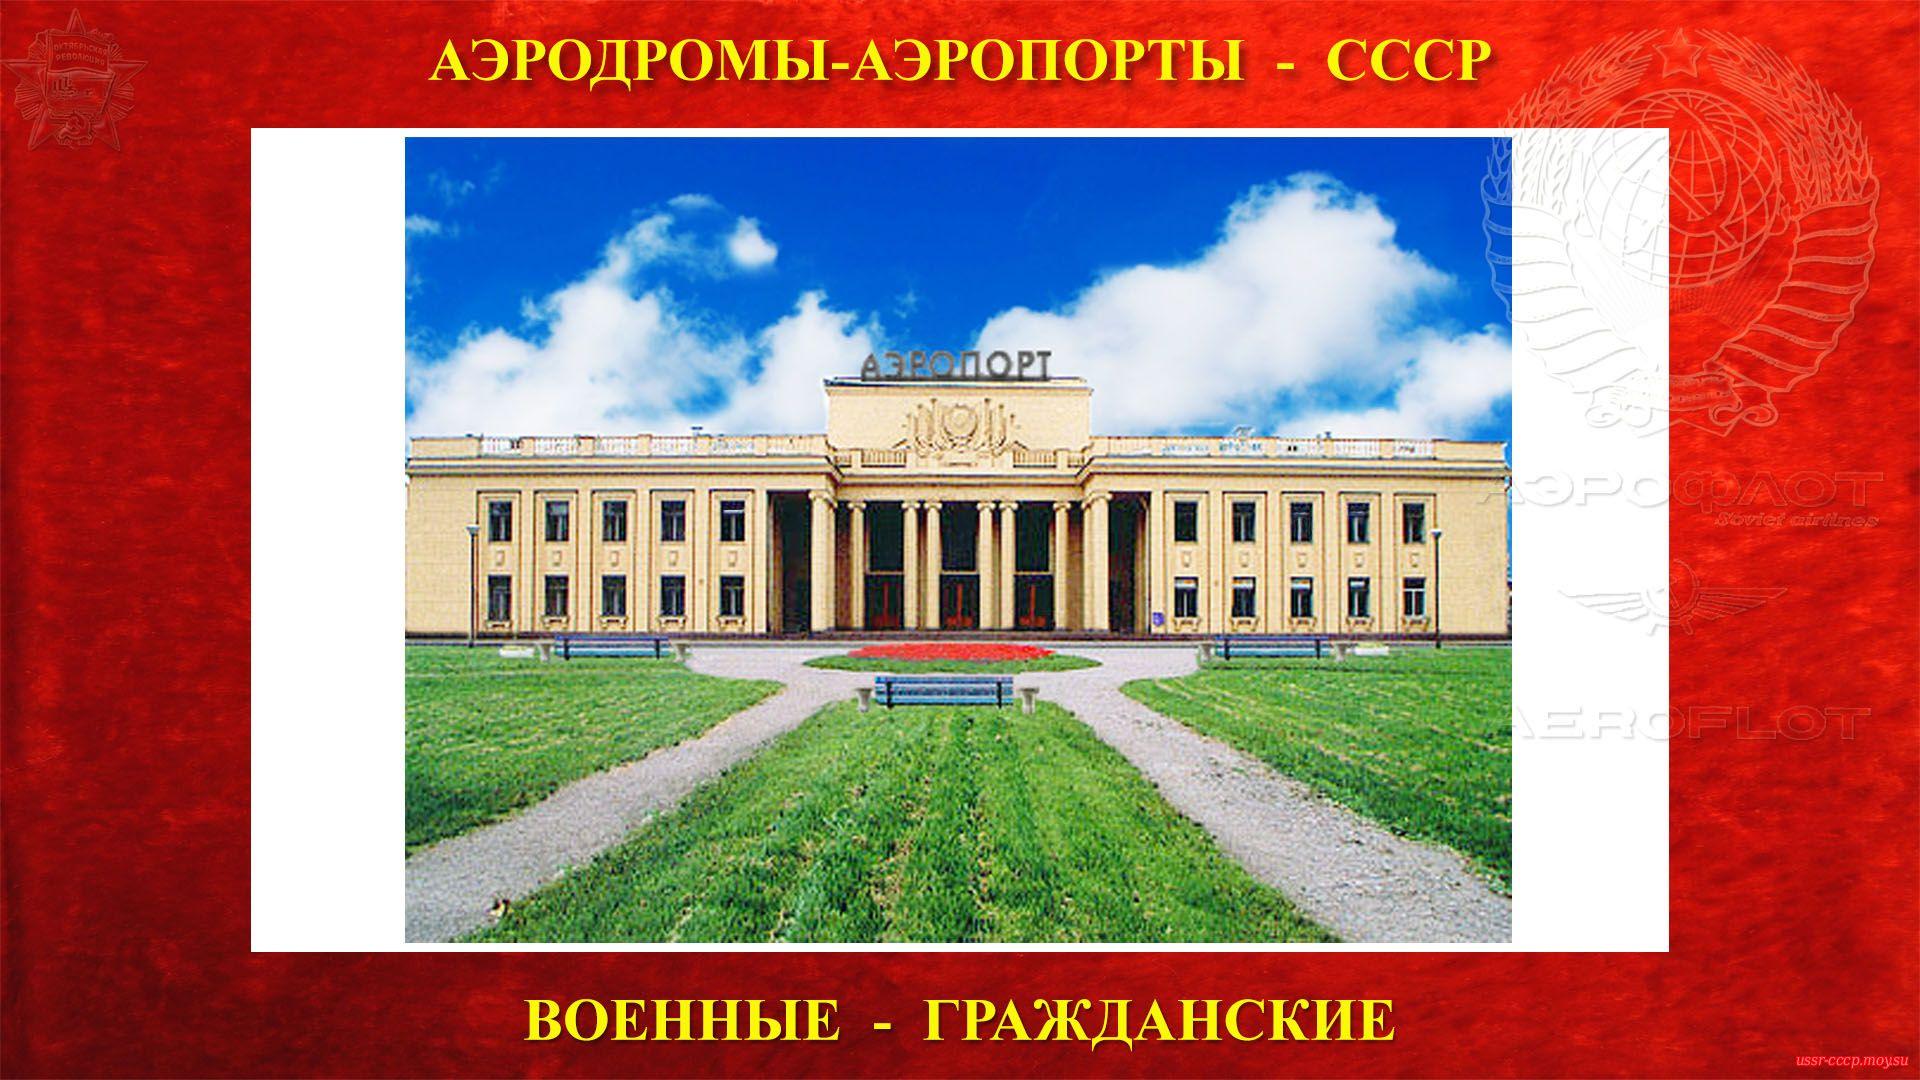 Шоссейная — Аэродром (аэропорт) СССР (1932—1973) полное повествование))